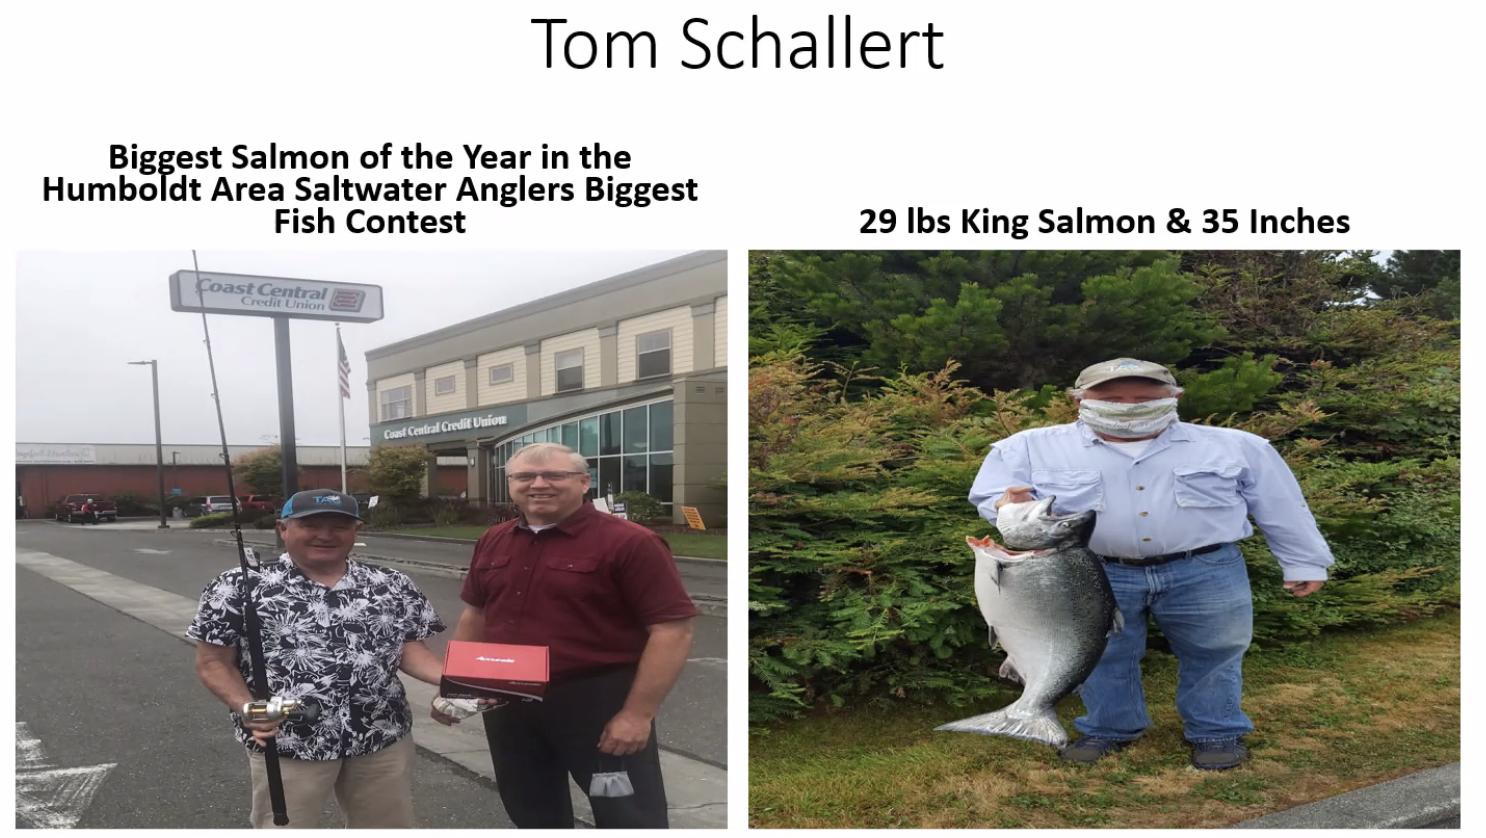 Tom Schallert wins award